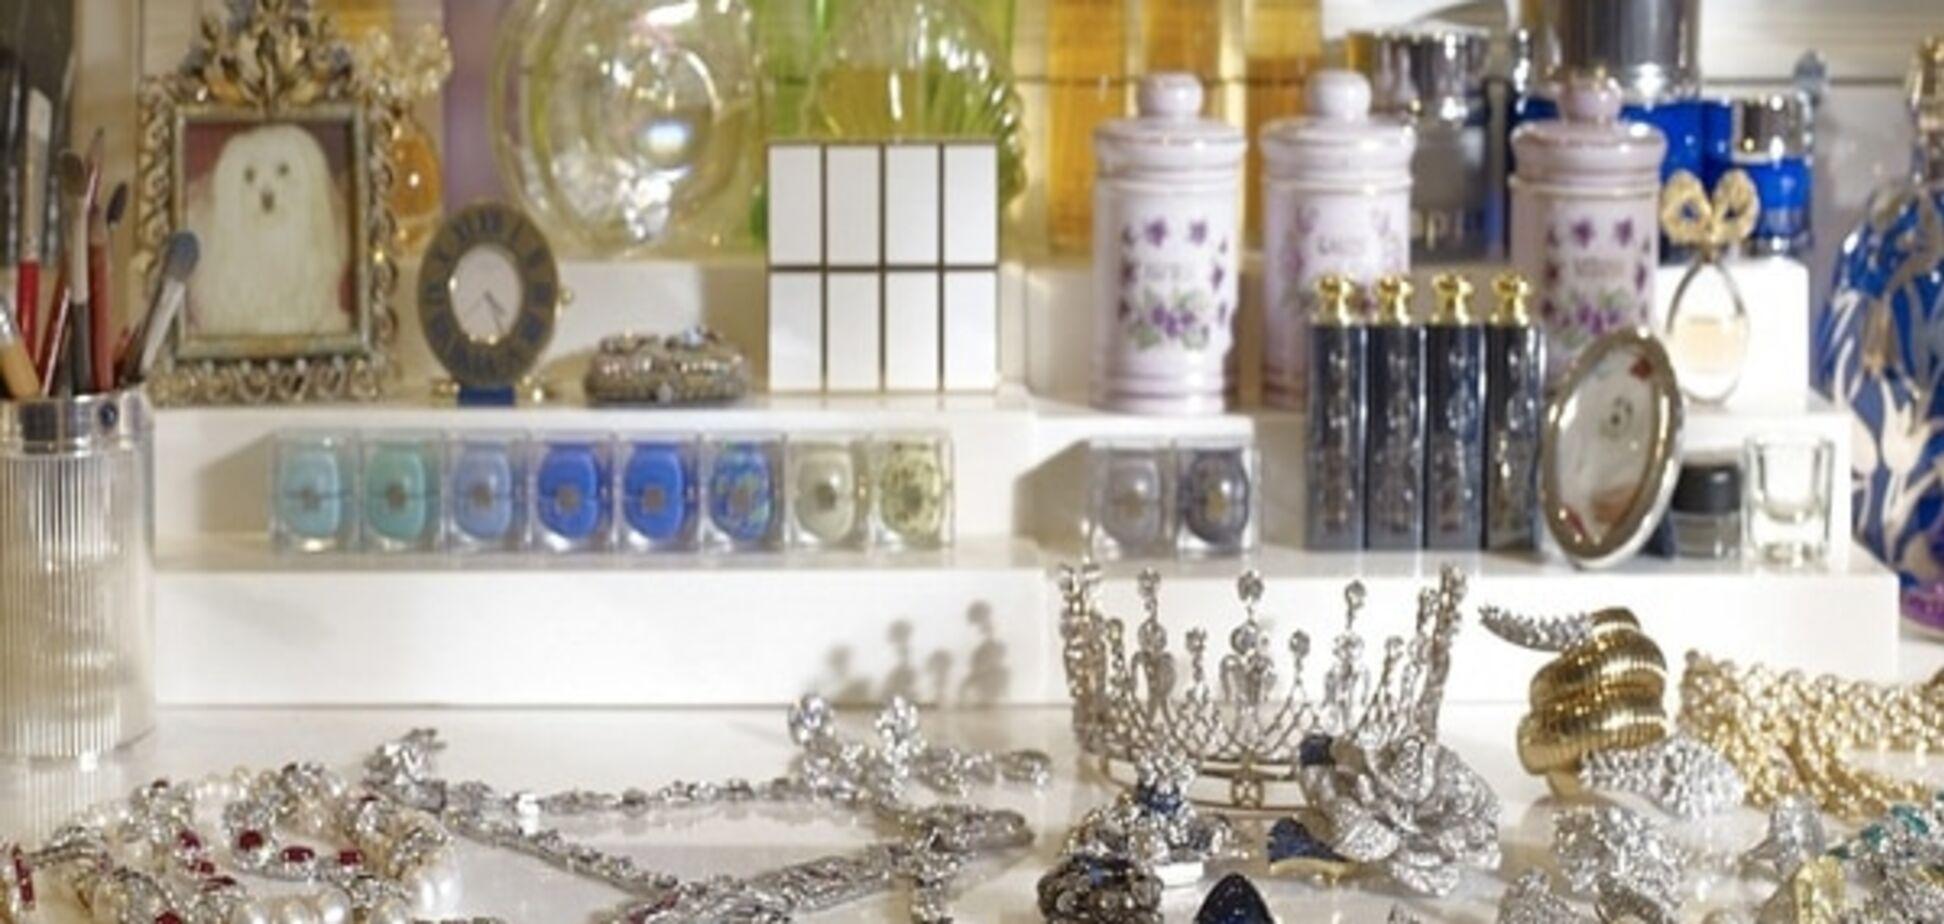 Меха, бриллианты и помада на зеркале: роскошь, в которой жила Элизабет Тейлор